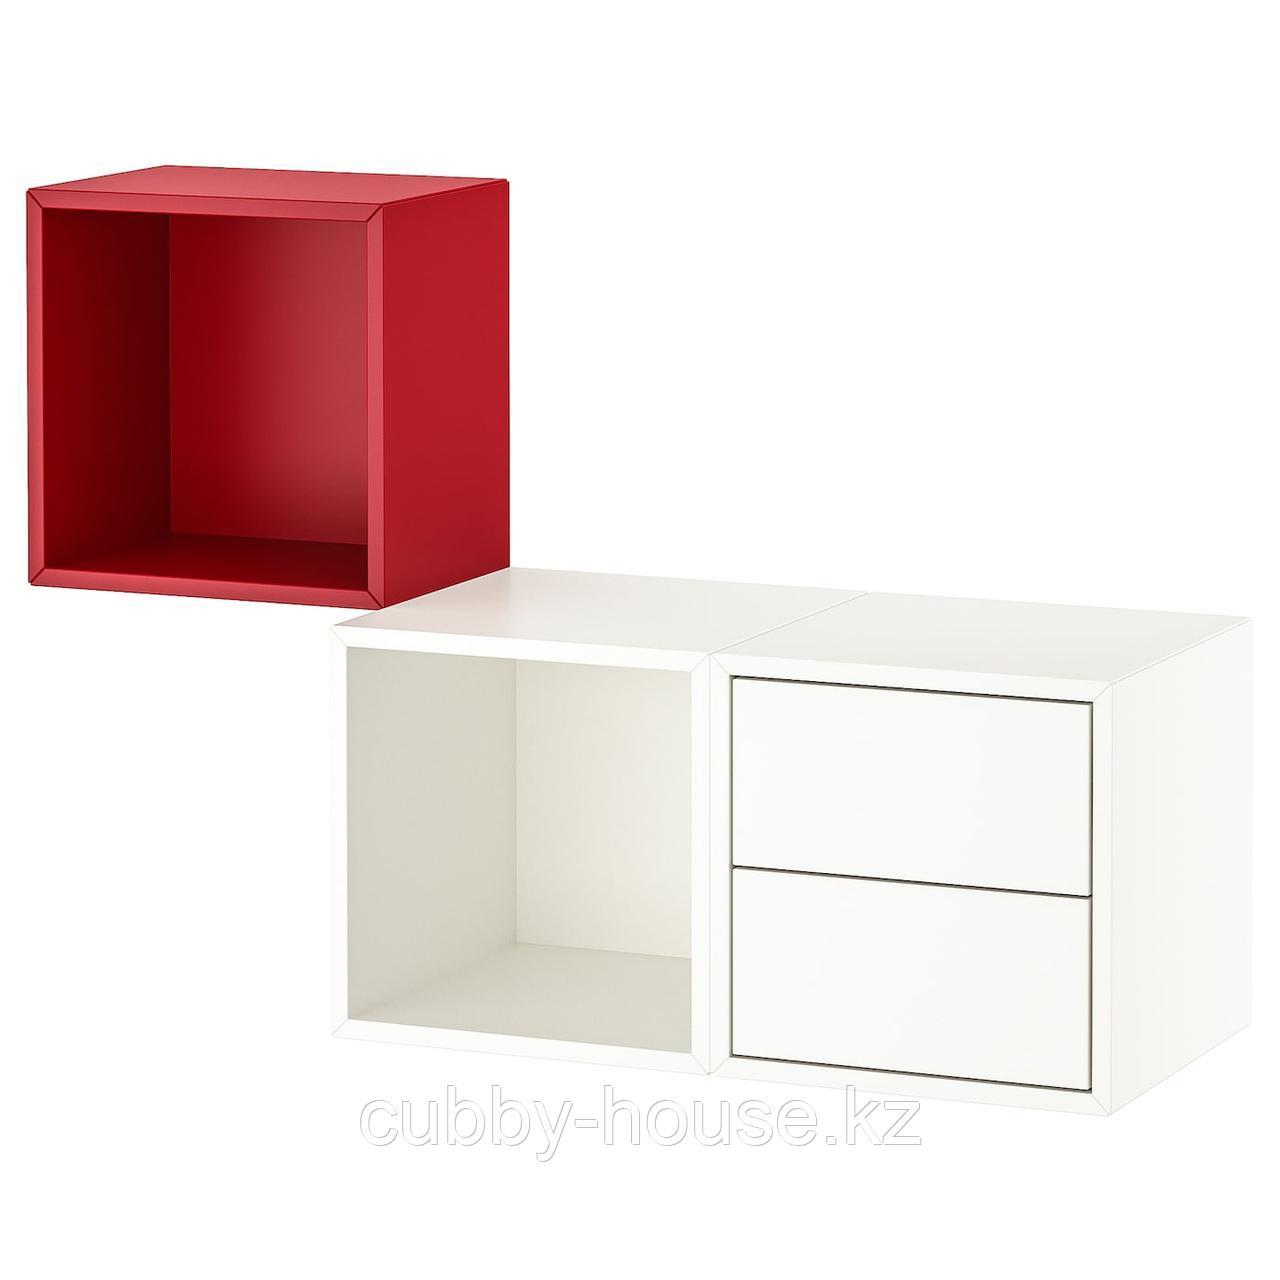 ЭКЕТ Комбинация д/хранения, белый, 105x35x70 см